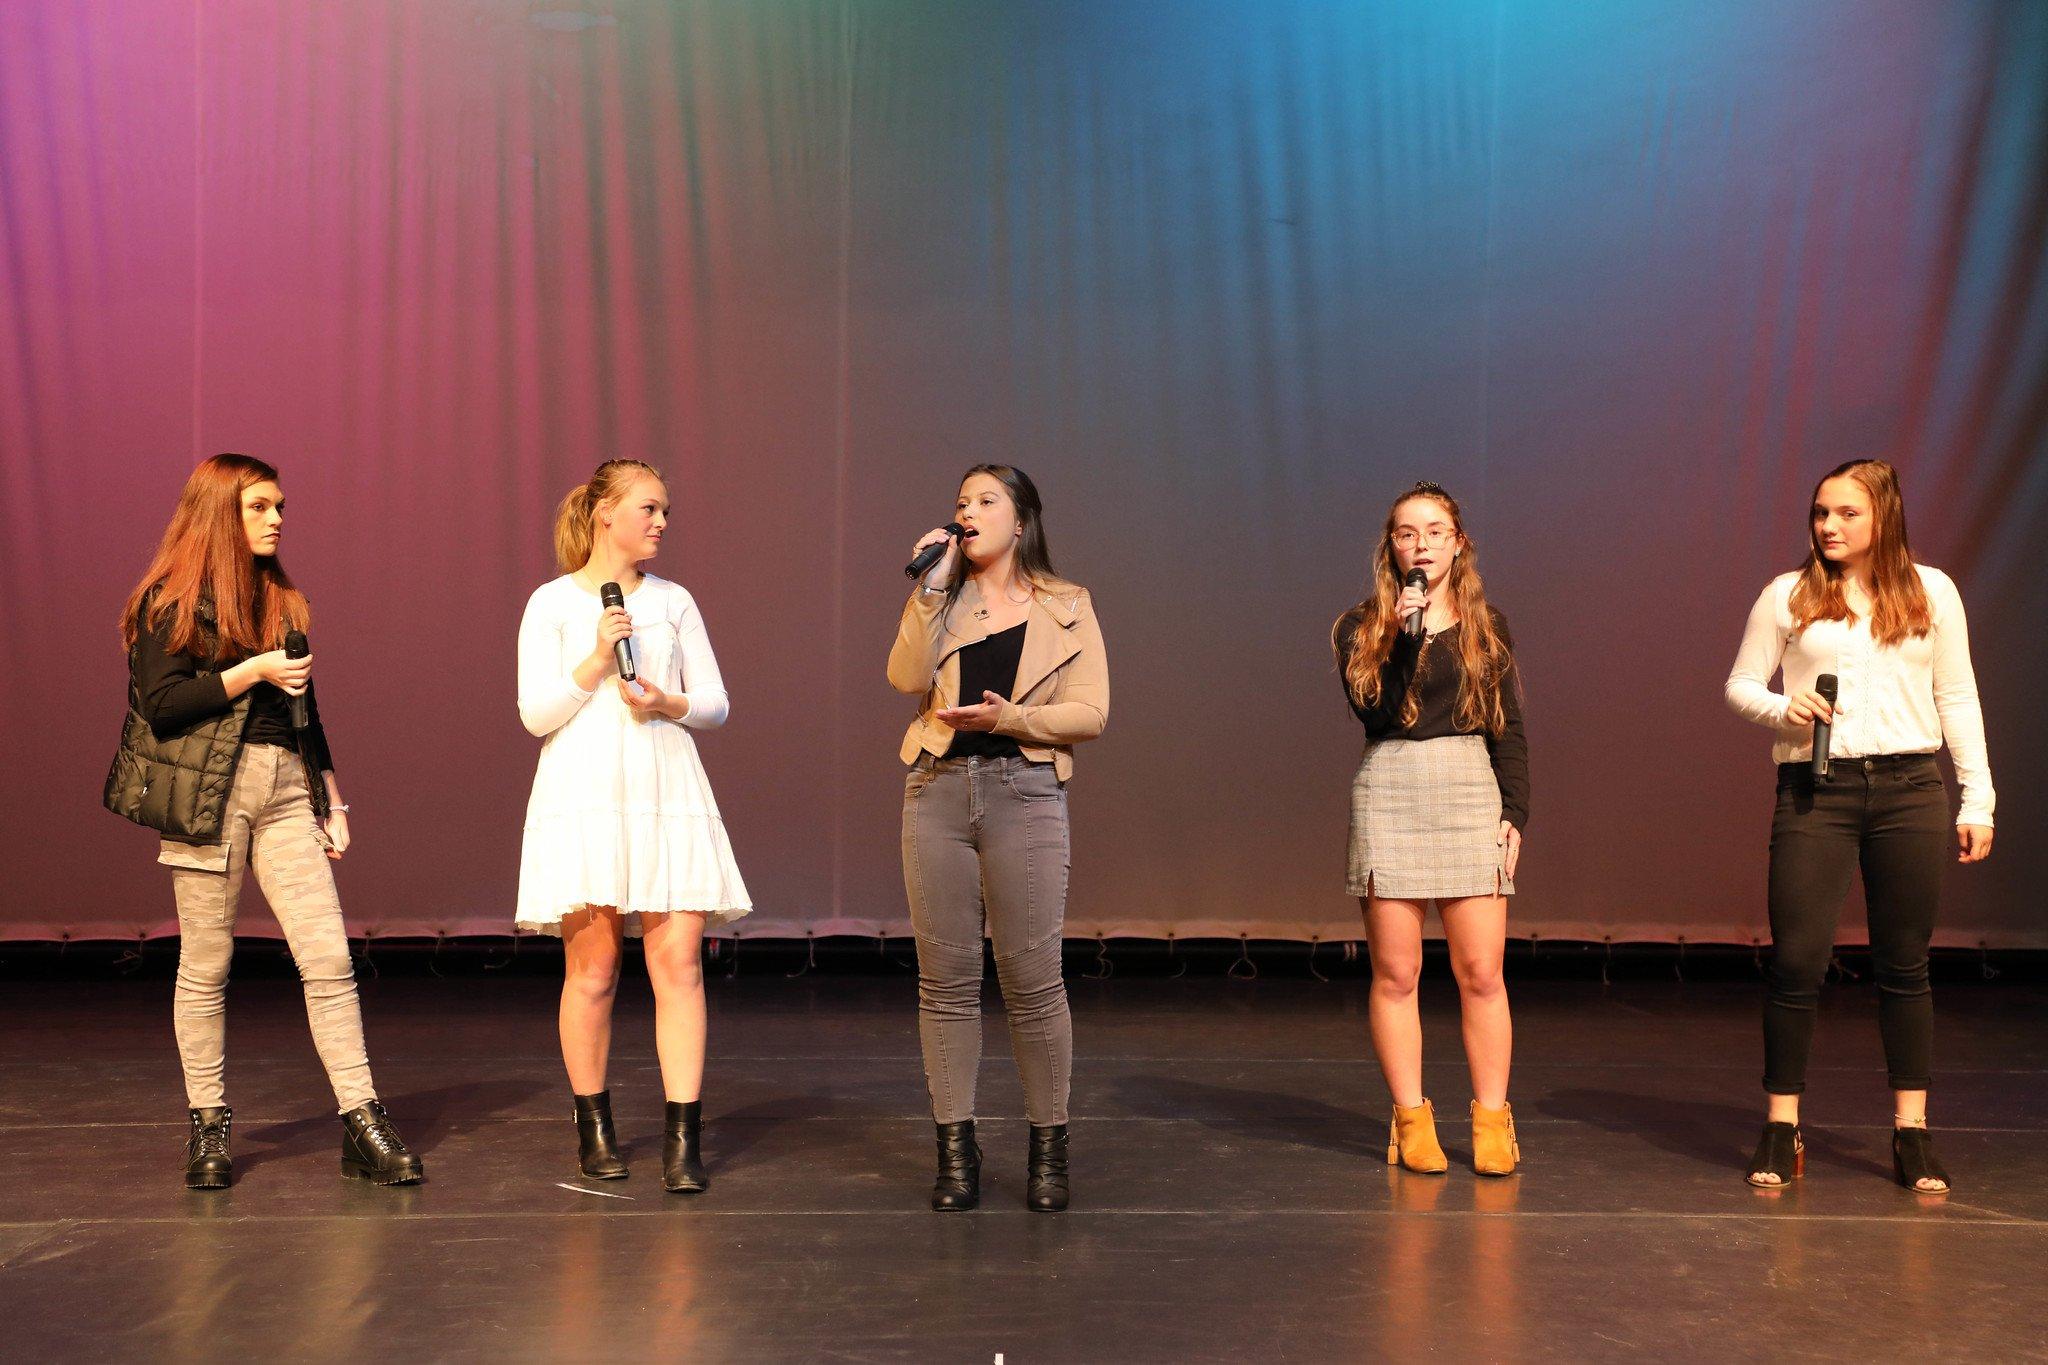 Proctor Academy arts performing arts